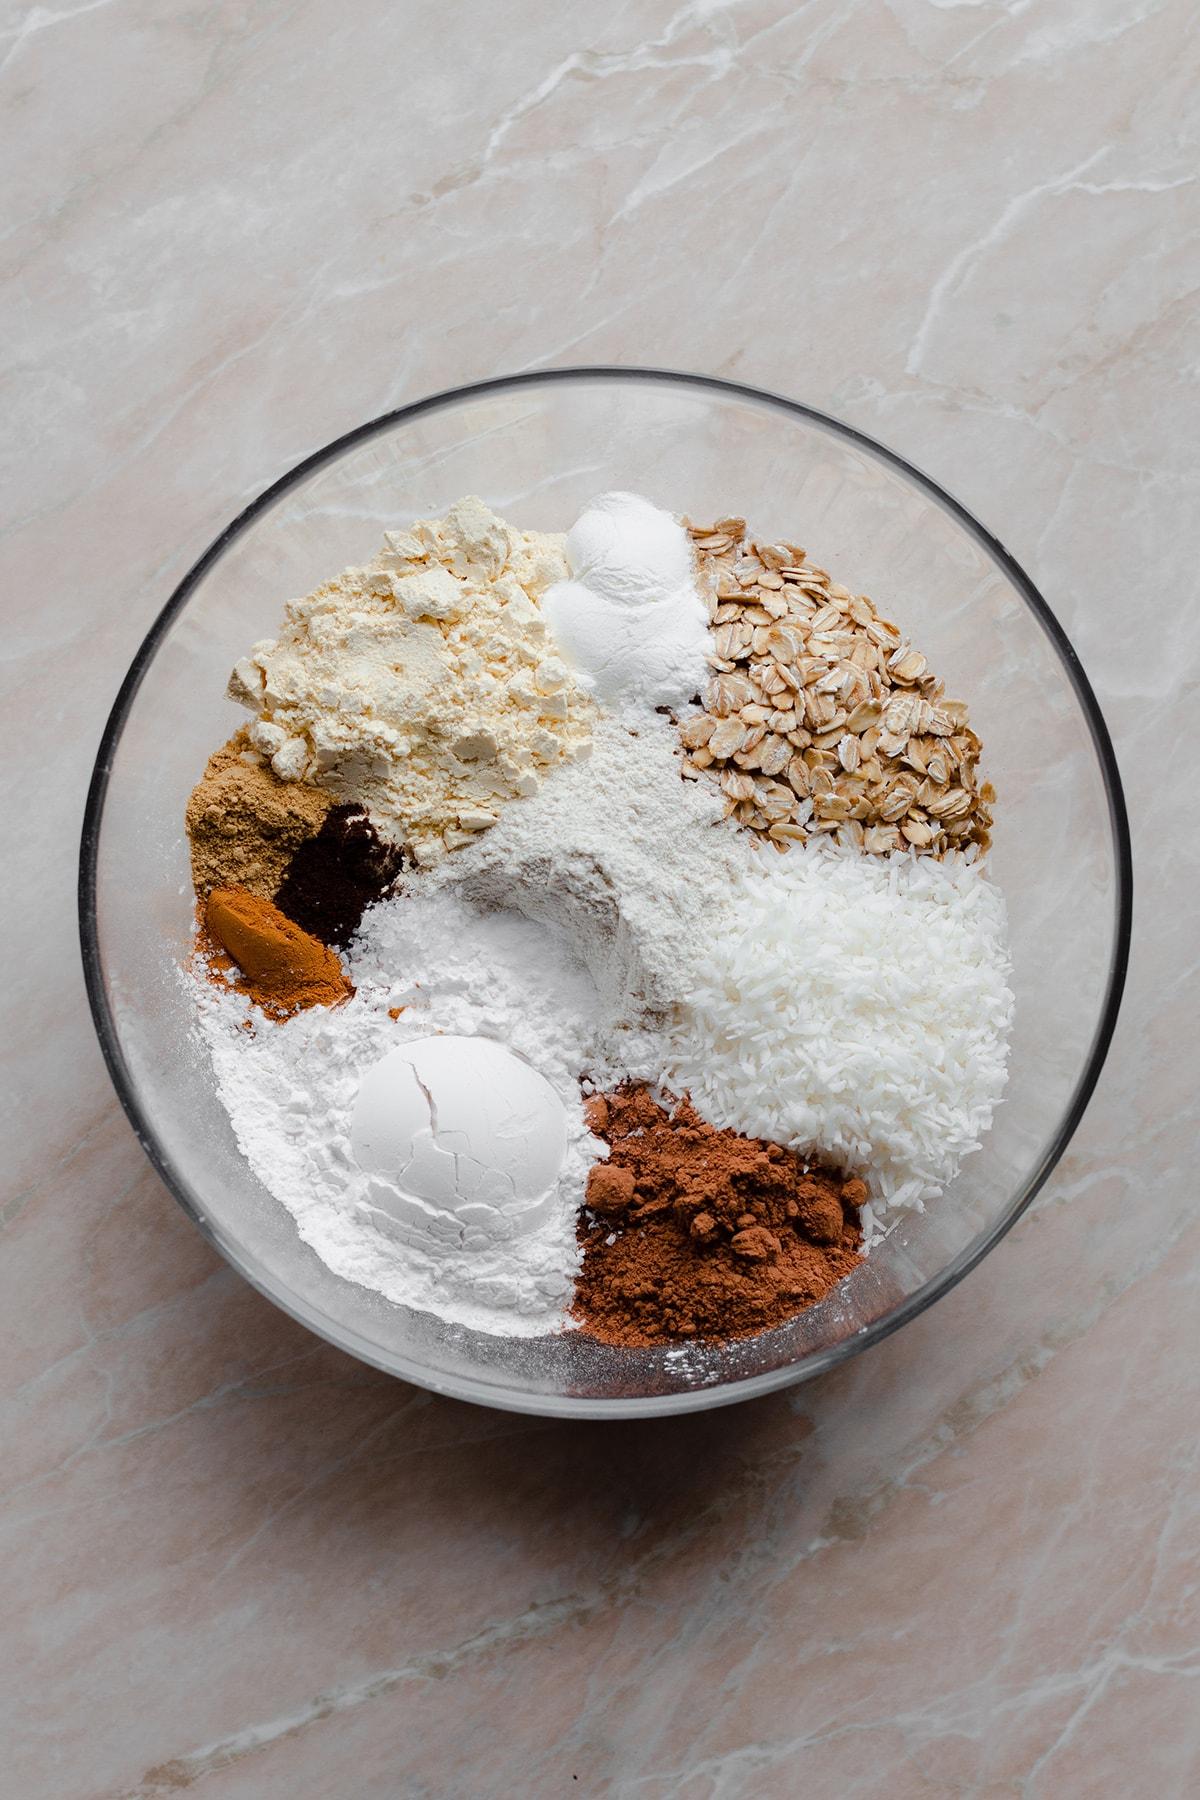 Ingredients for buckwheat banana pancakes.